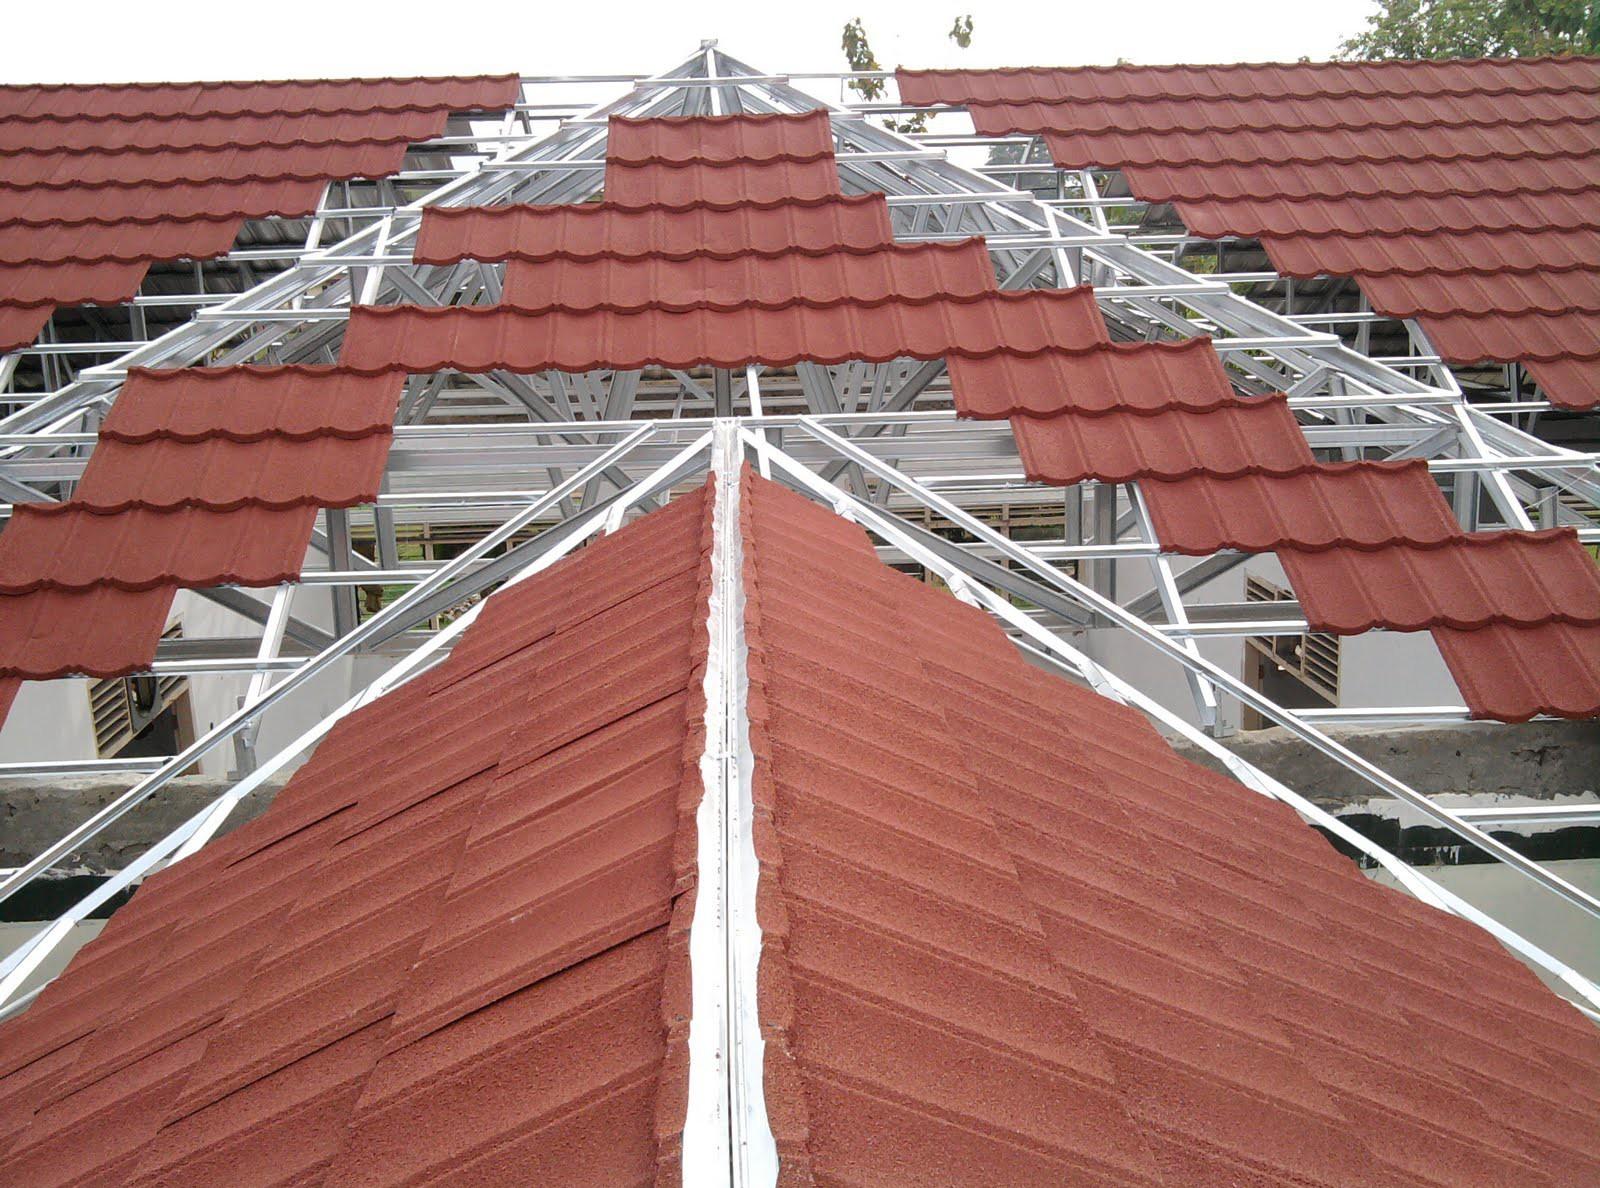 harga atap baja ringan lapis pasir genteng metal sky roof berpasir murah berkwalitas